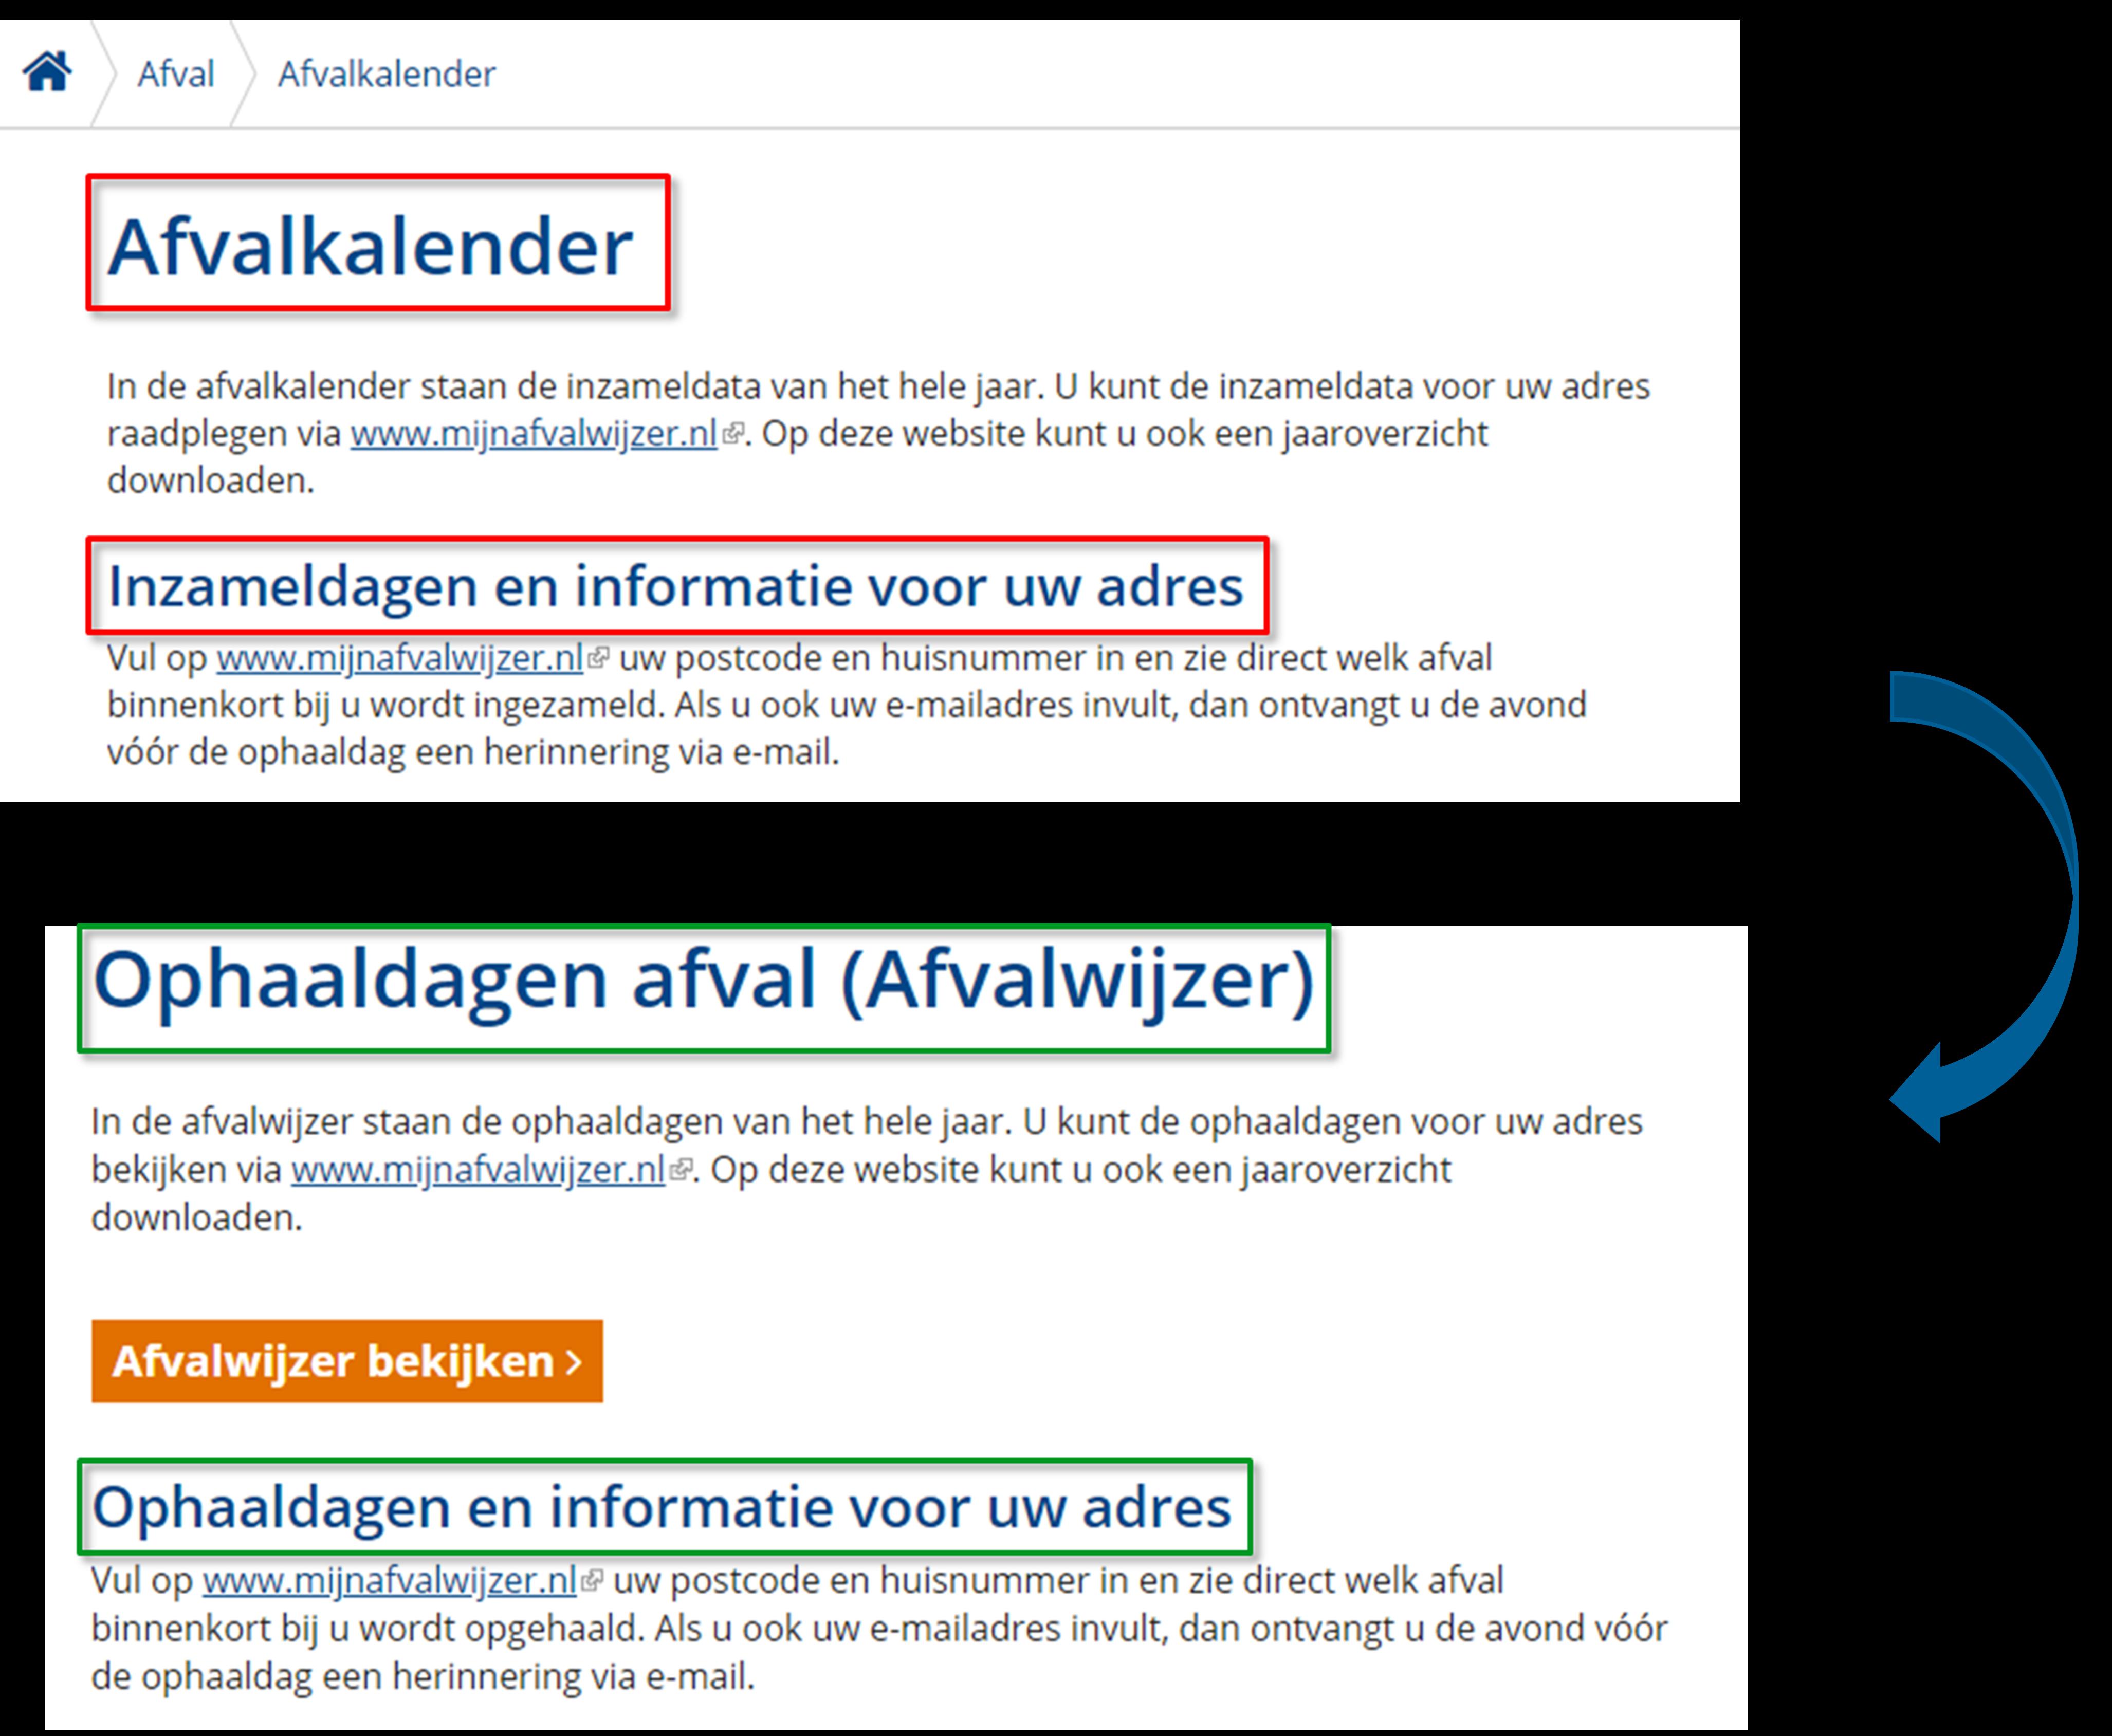 Website optimalisatie afvalkalender paginatitel oude vs. nieuwe situatie